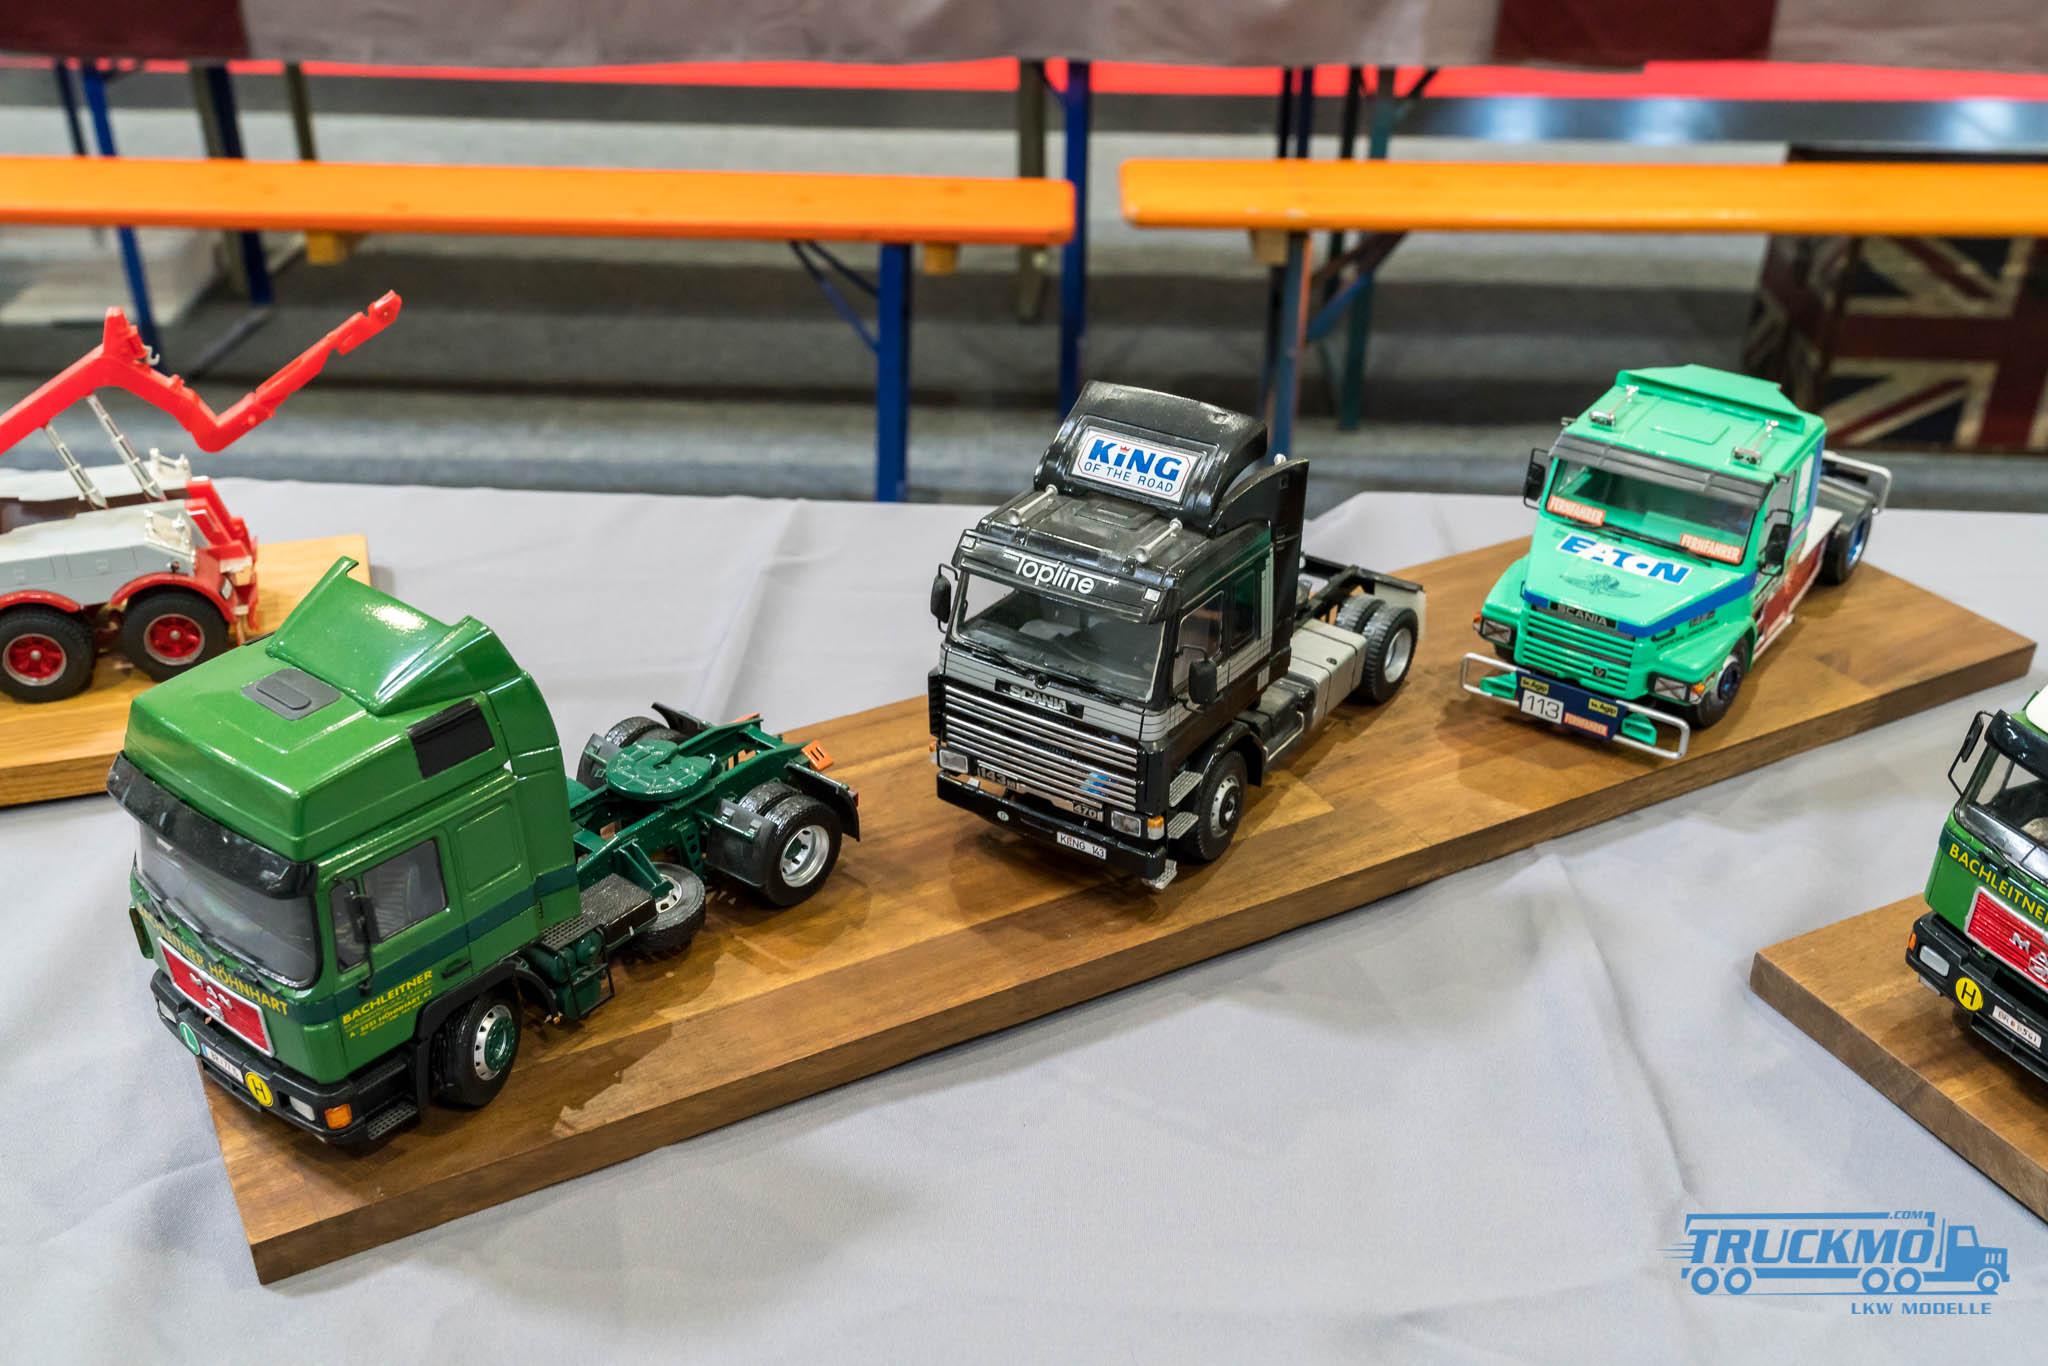 Truckmo_Modellbau_Ried_2017_Herpa_Messe_Modellbauausstellung (544 von 1177)